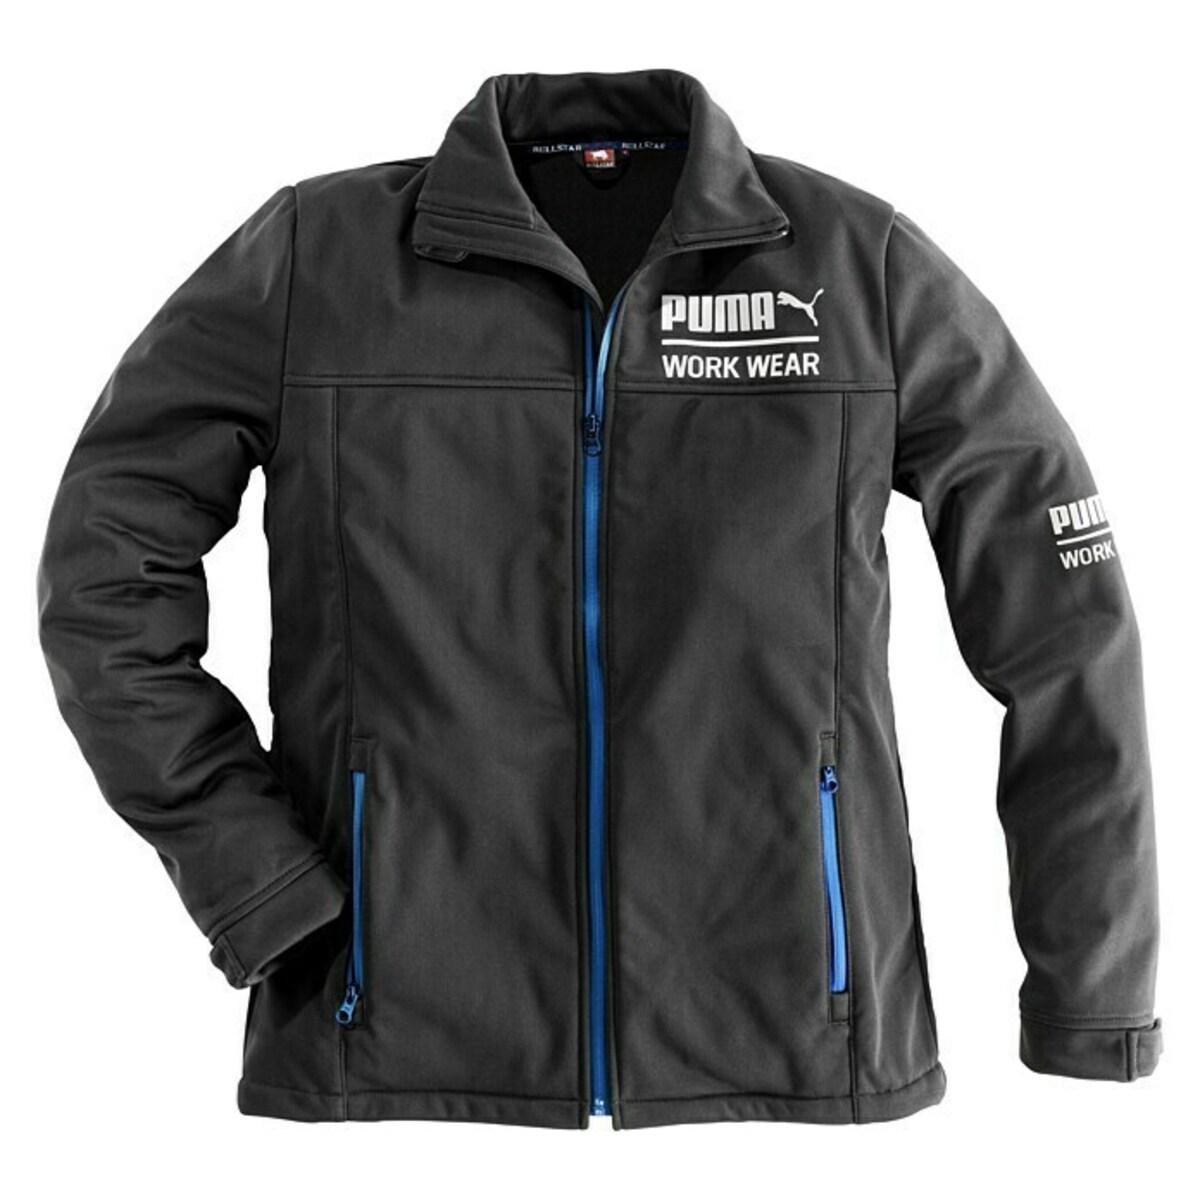 Bild 1 von Puma Workwear Softshell-Jacke Champ